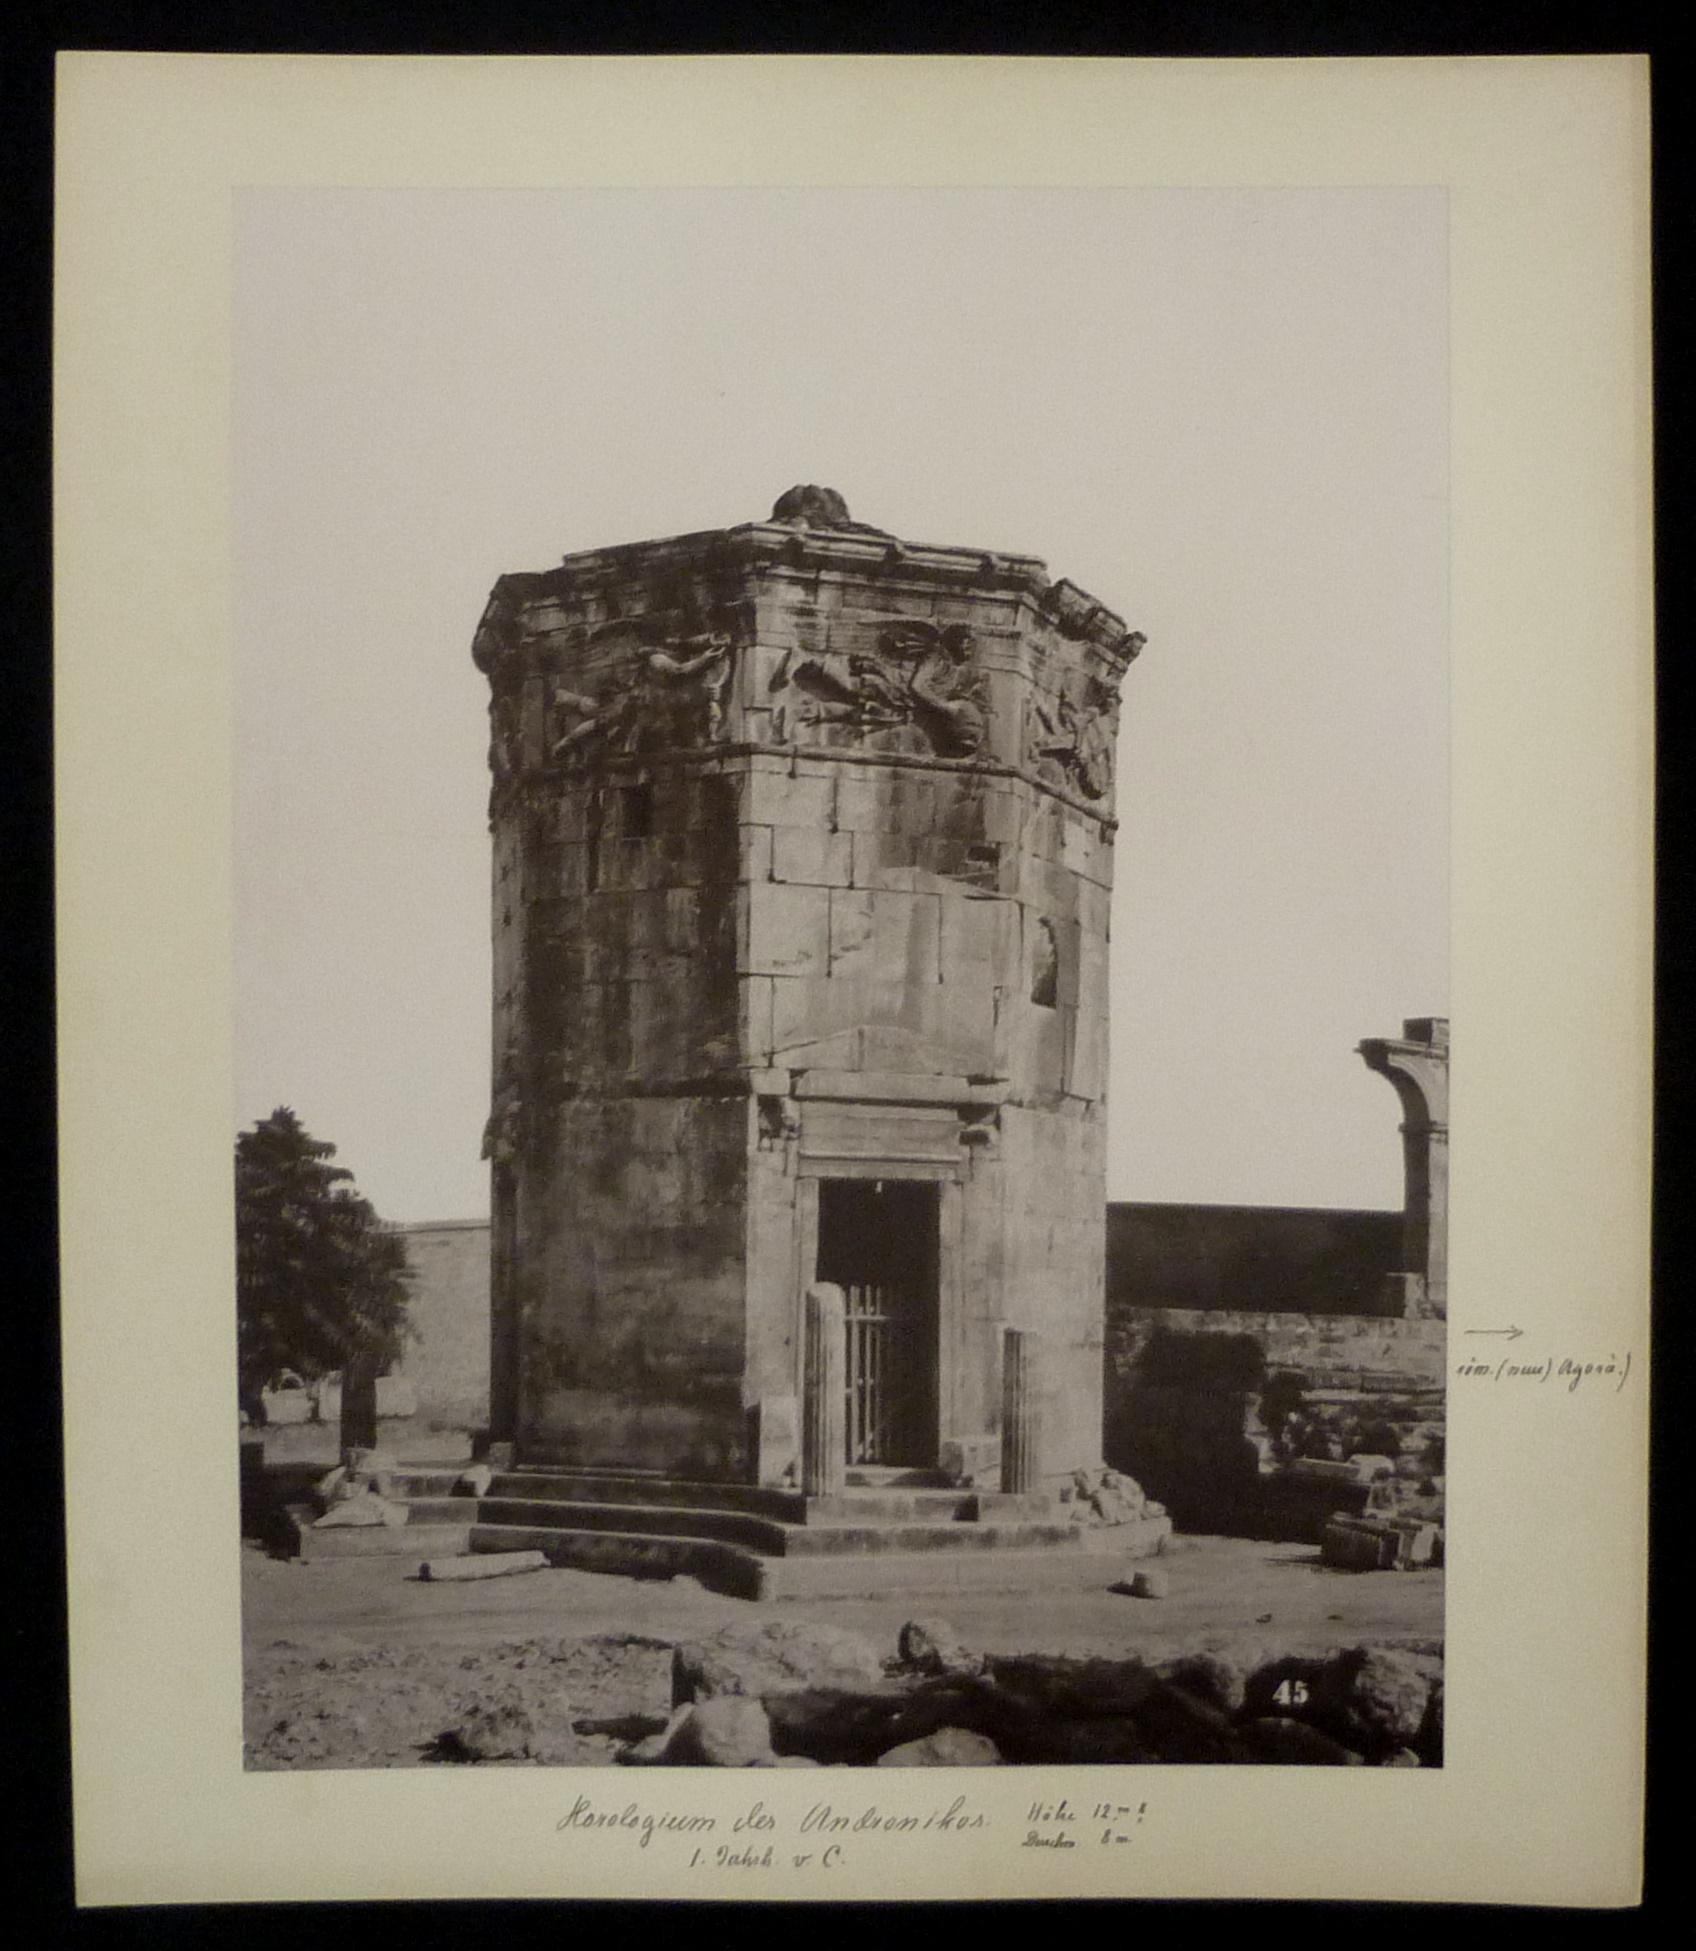 Hs. beschriftet: Horologium des Andronikos. 1. Jahrh.: Originalfotografien - Griechenland.